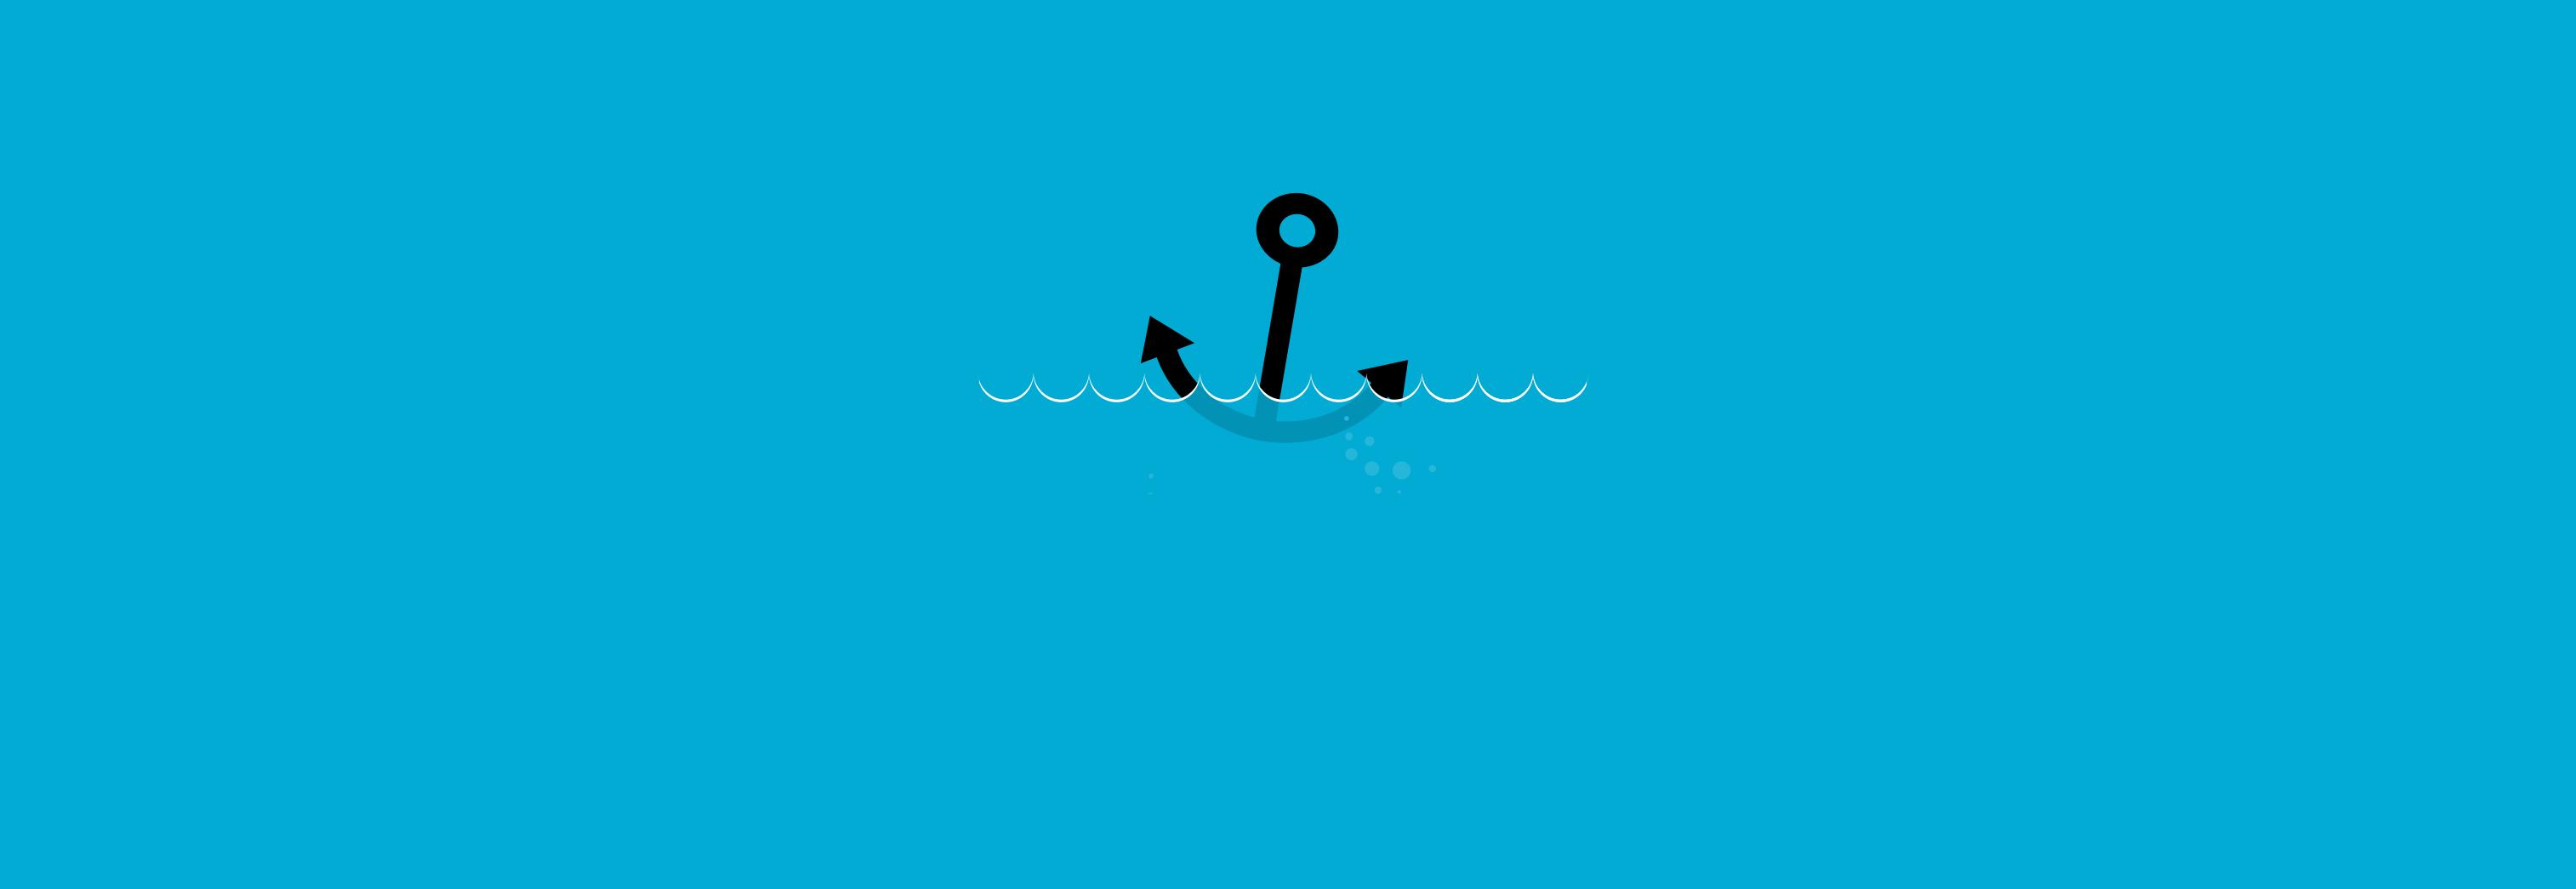 come-aggiungere-anchor-link-in-wordpress-facilmente